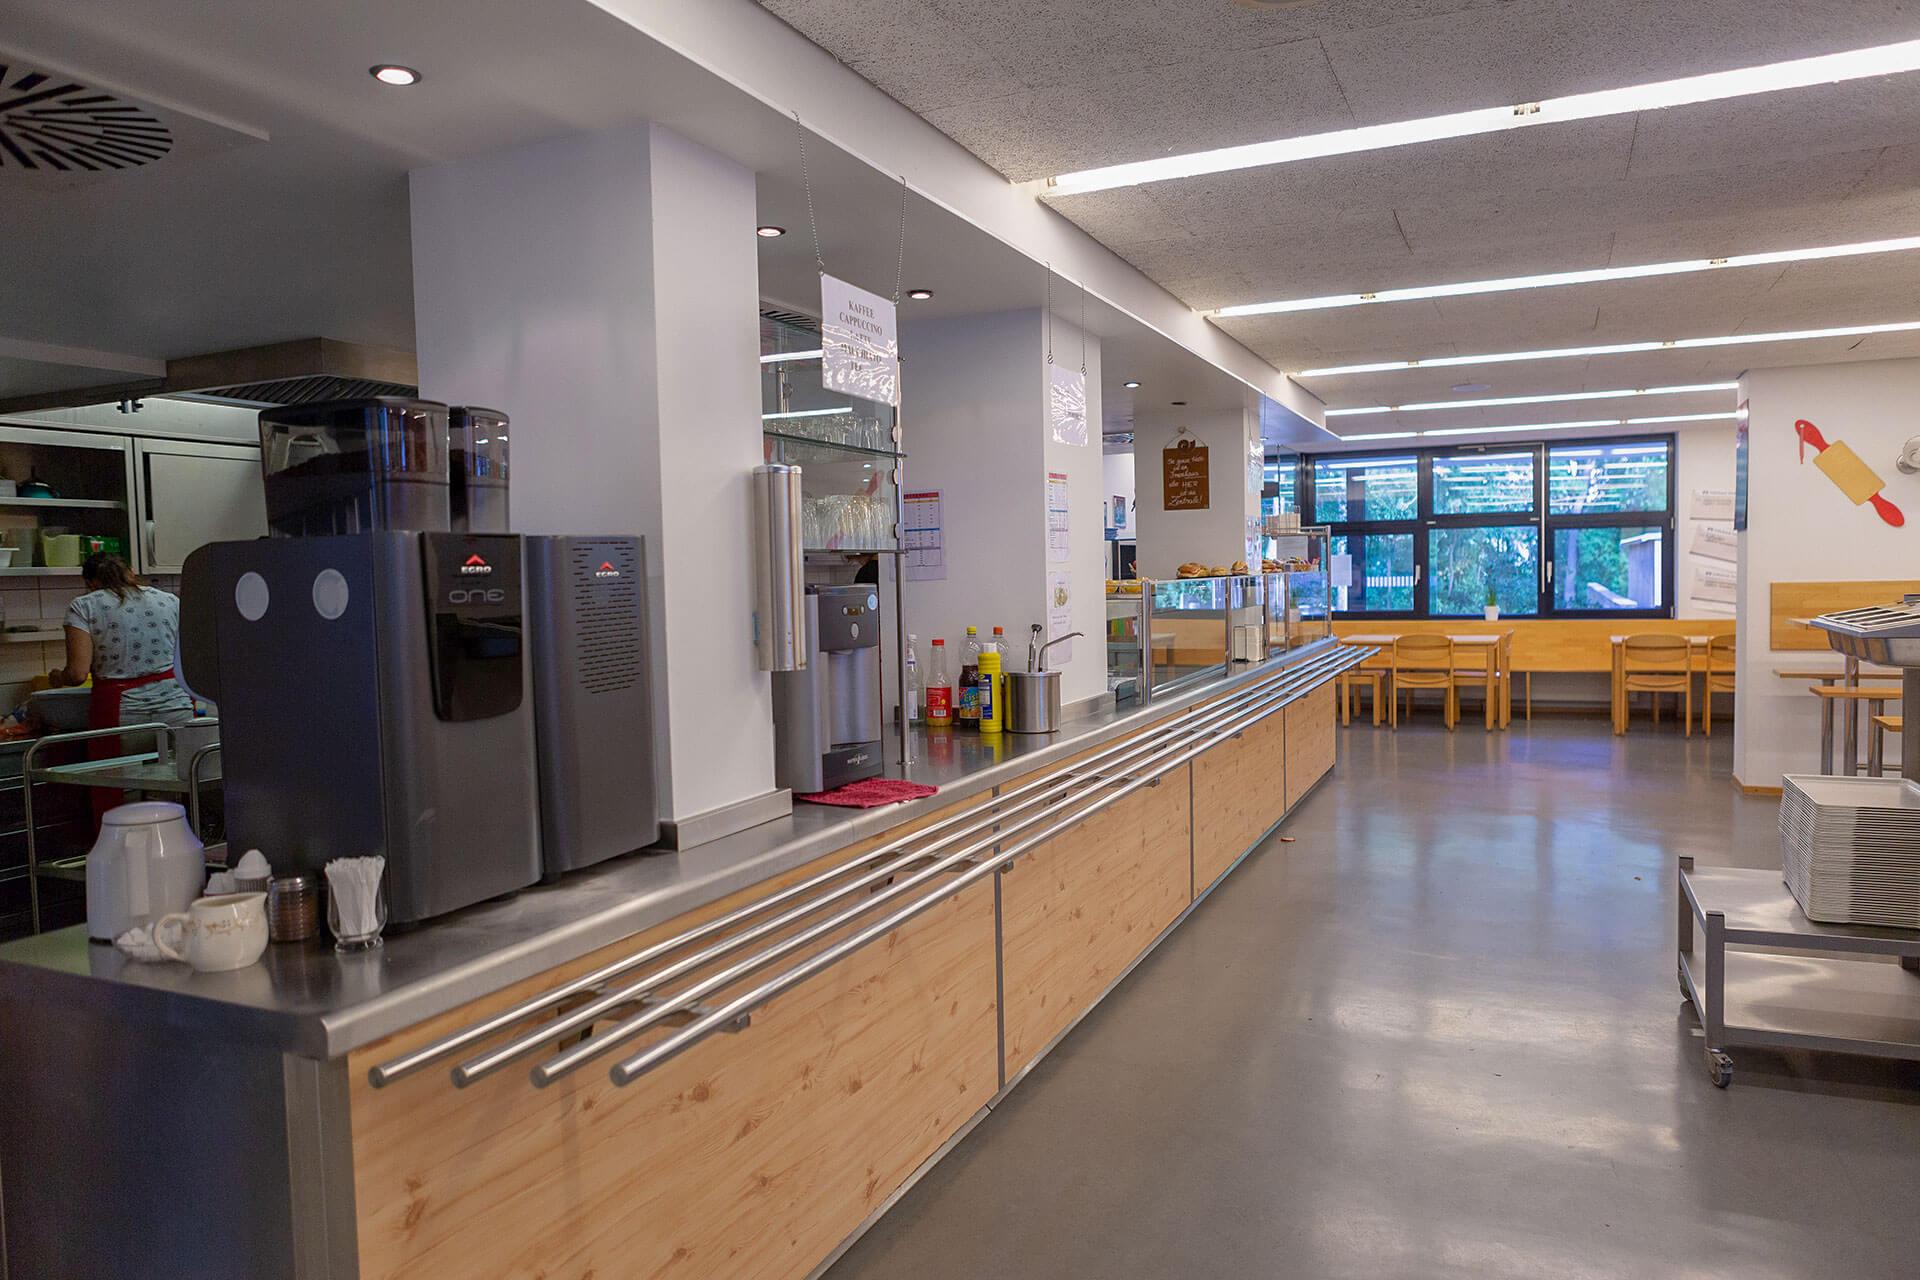 Blick auf den Thekenbereich der Cafeteria